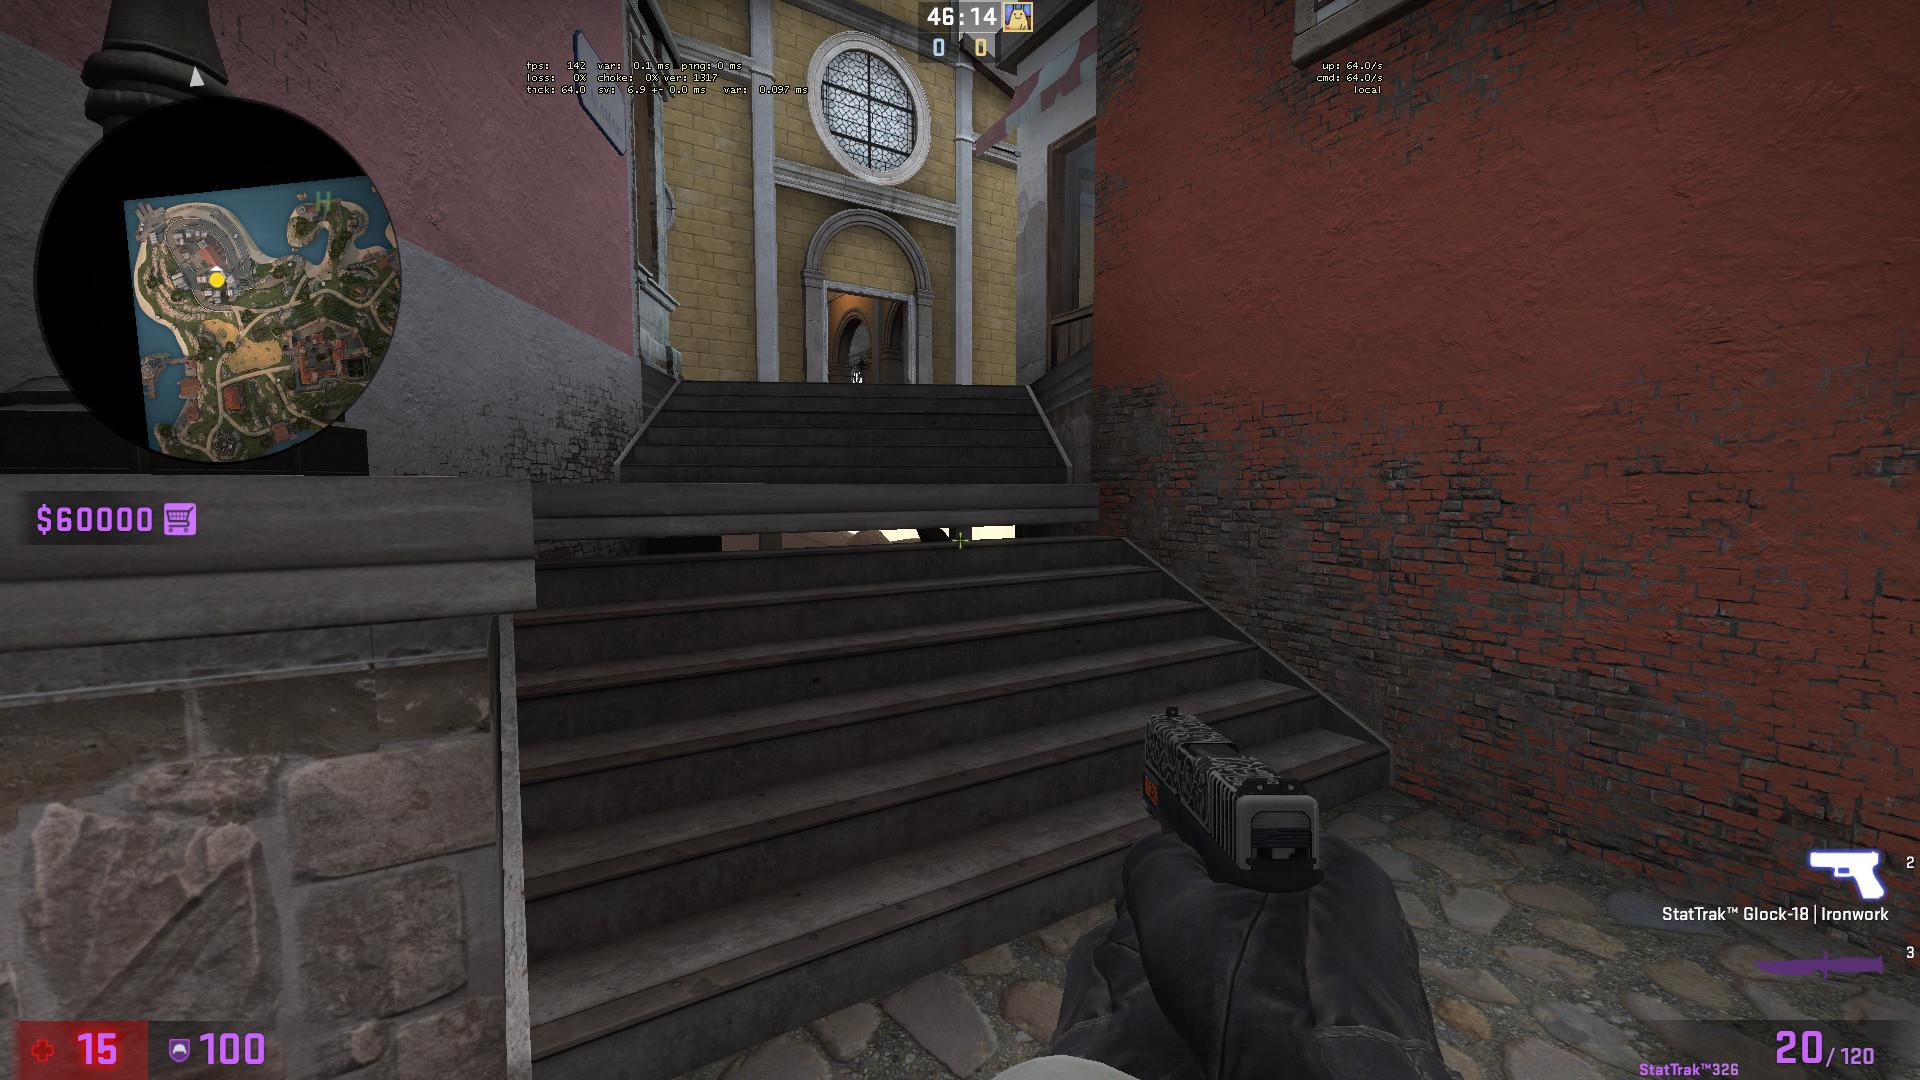 Counter-strike-Global-Offensive-Screenshot-2021_09.07-13_43_28_05.jpeg.58b9b4d97cf671adc405cbafd7e2eaf3.jpeg